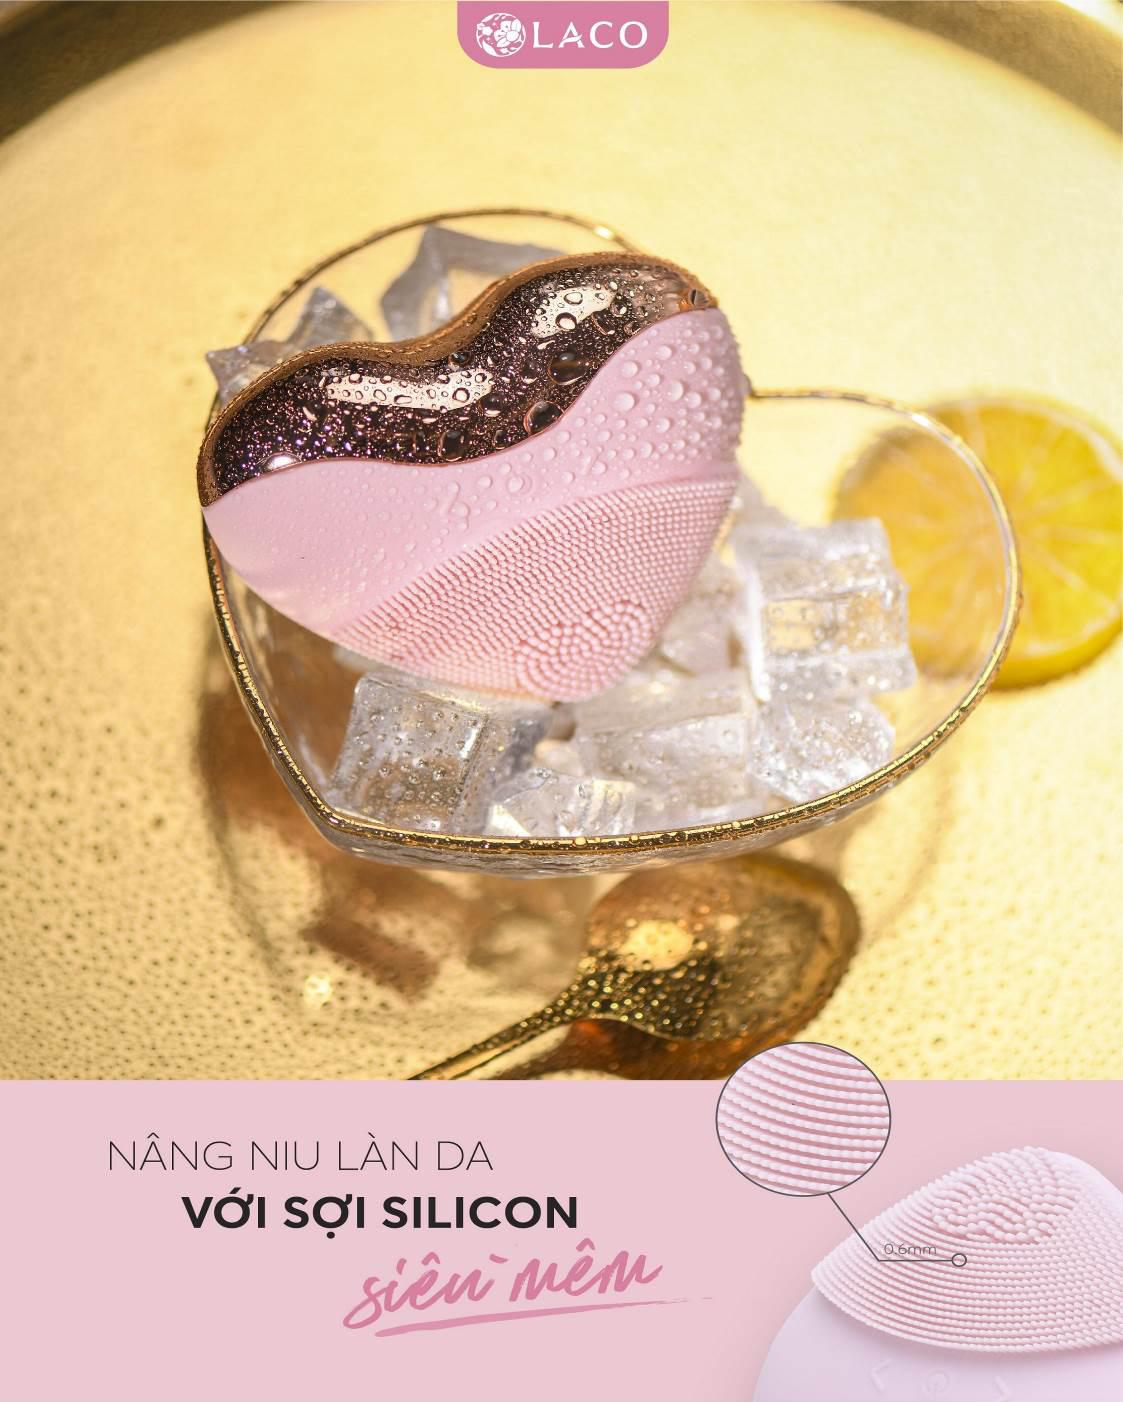 LACO mở bán Máy rửa mặt Laco Luxury kiểu dáng đẹp bất ngờ - Ảnh 5.